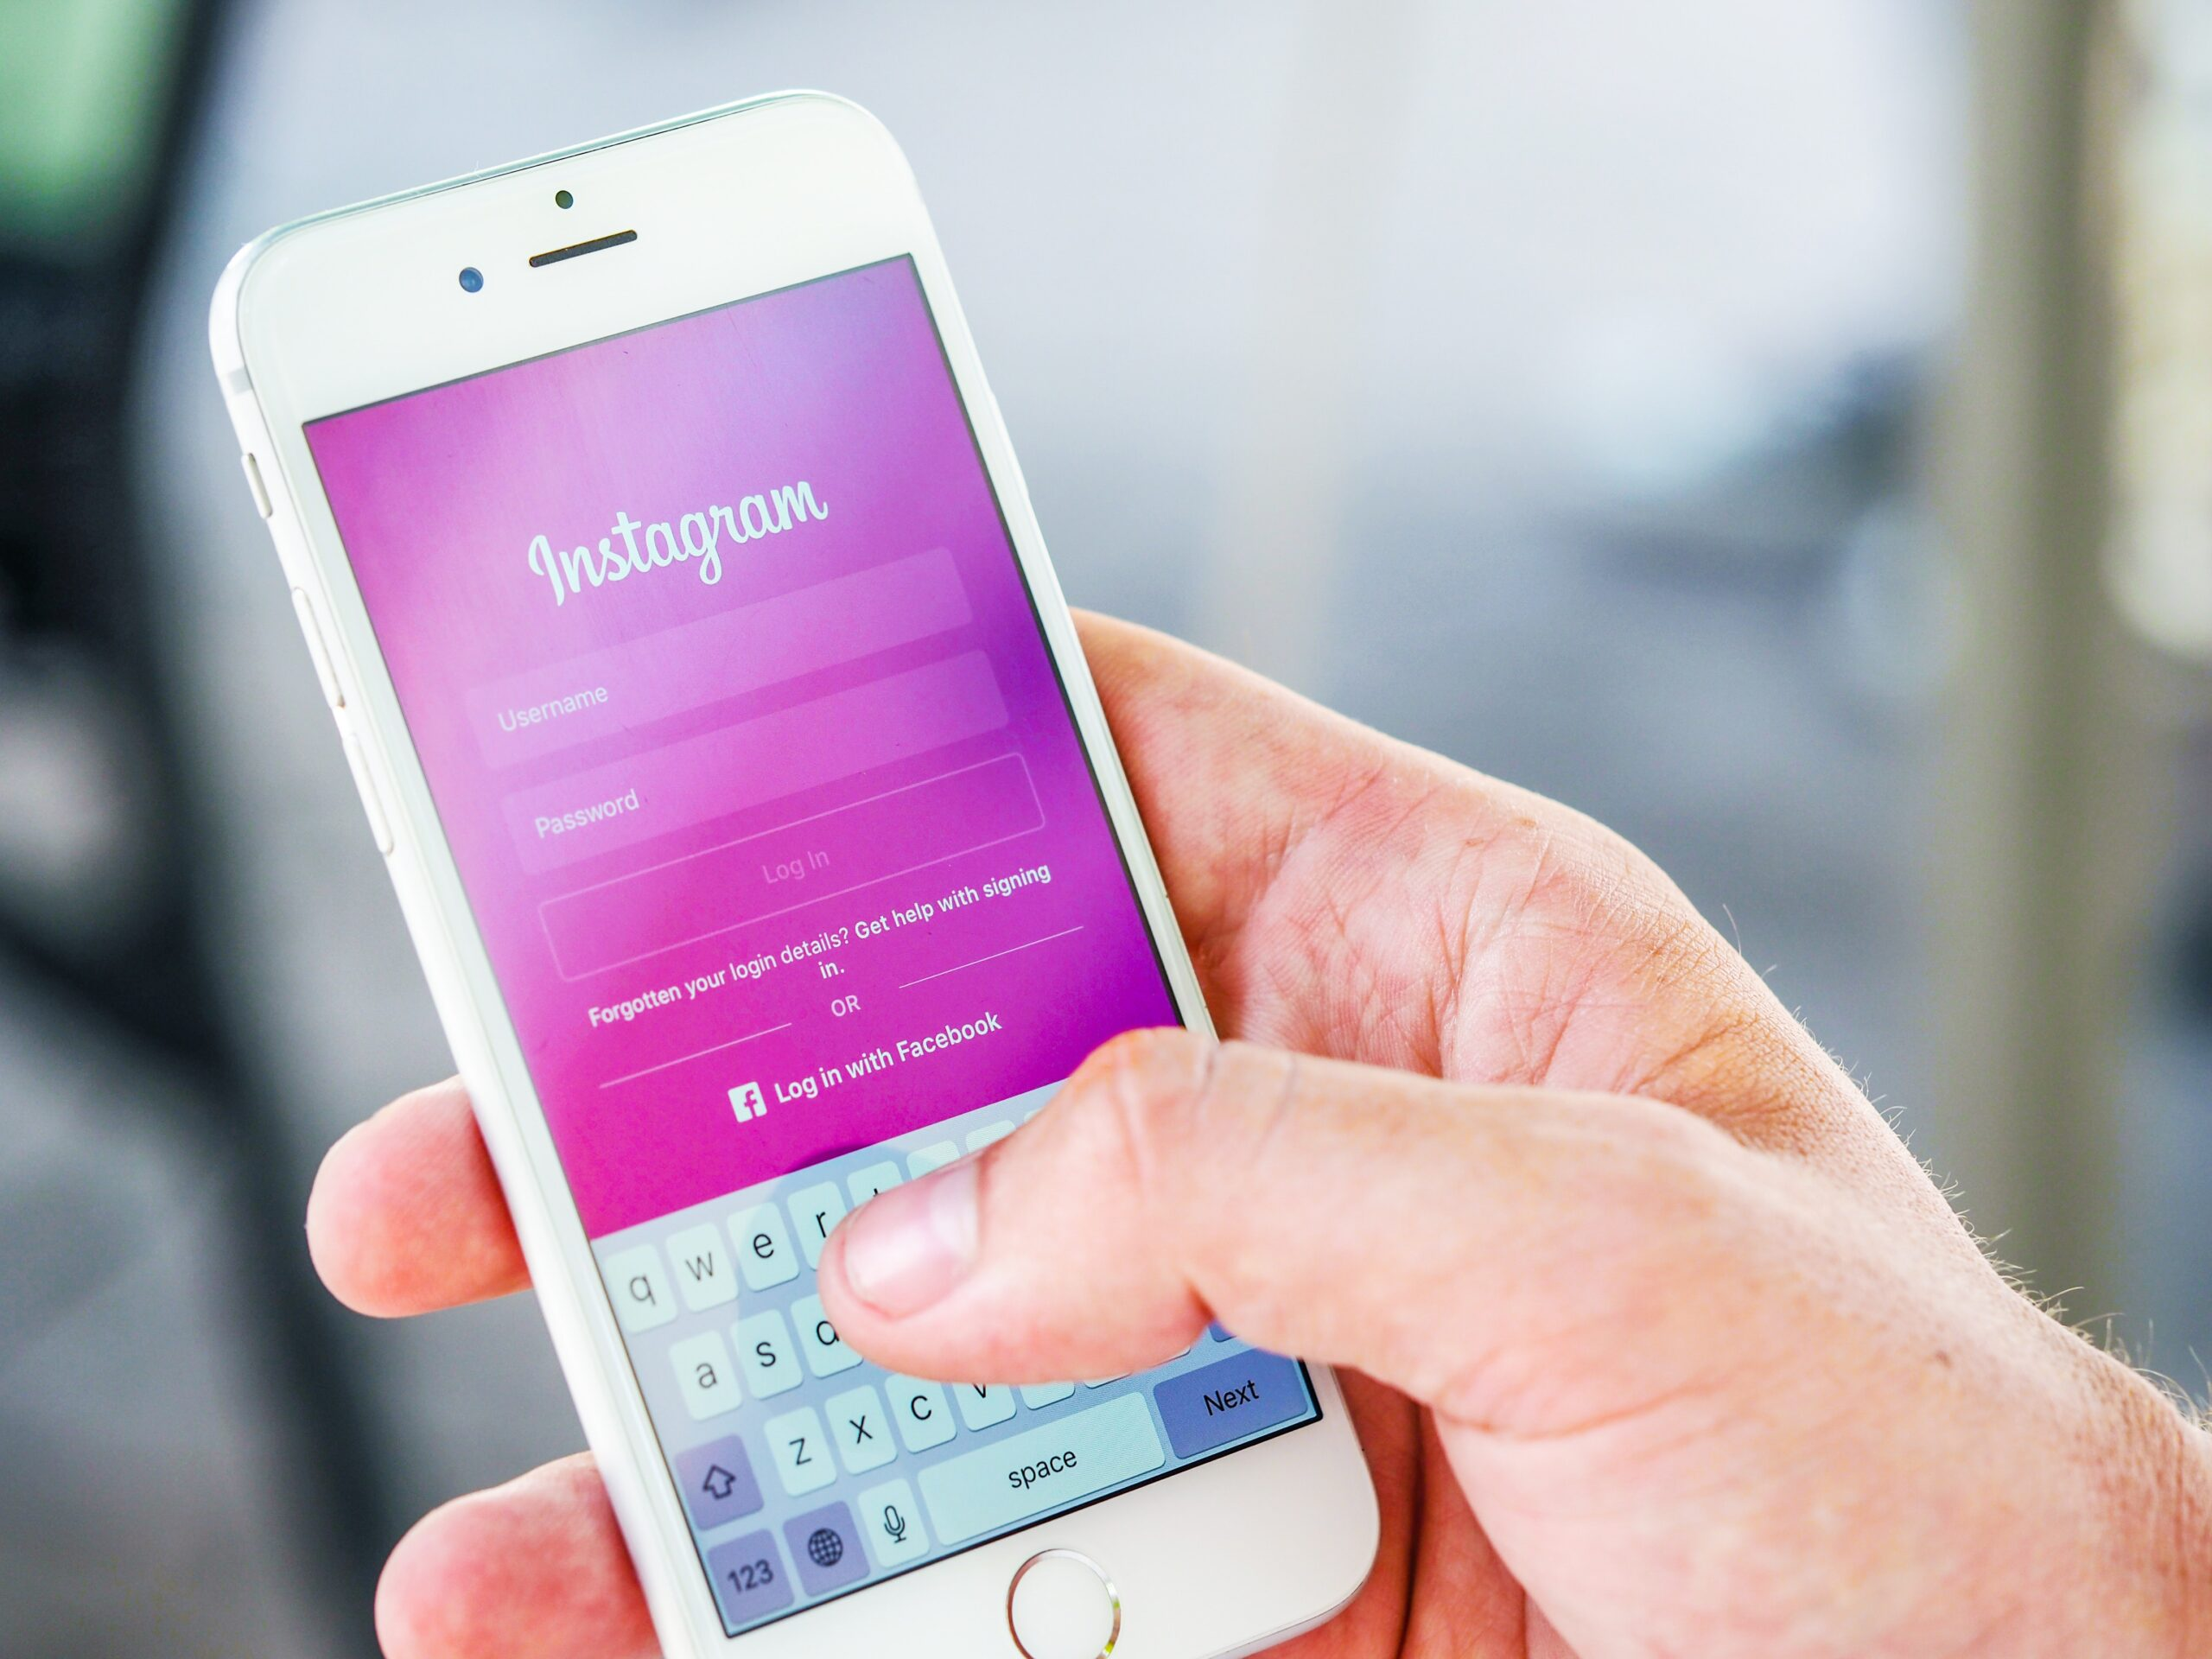 Instagram Anmeldung auf Smartphone